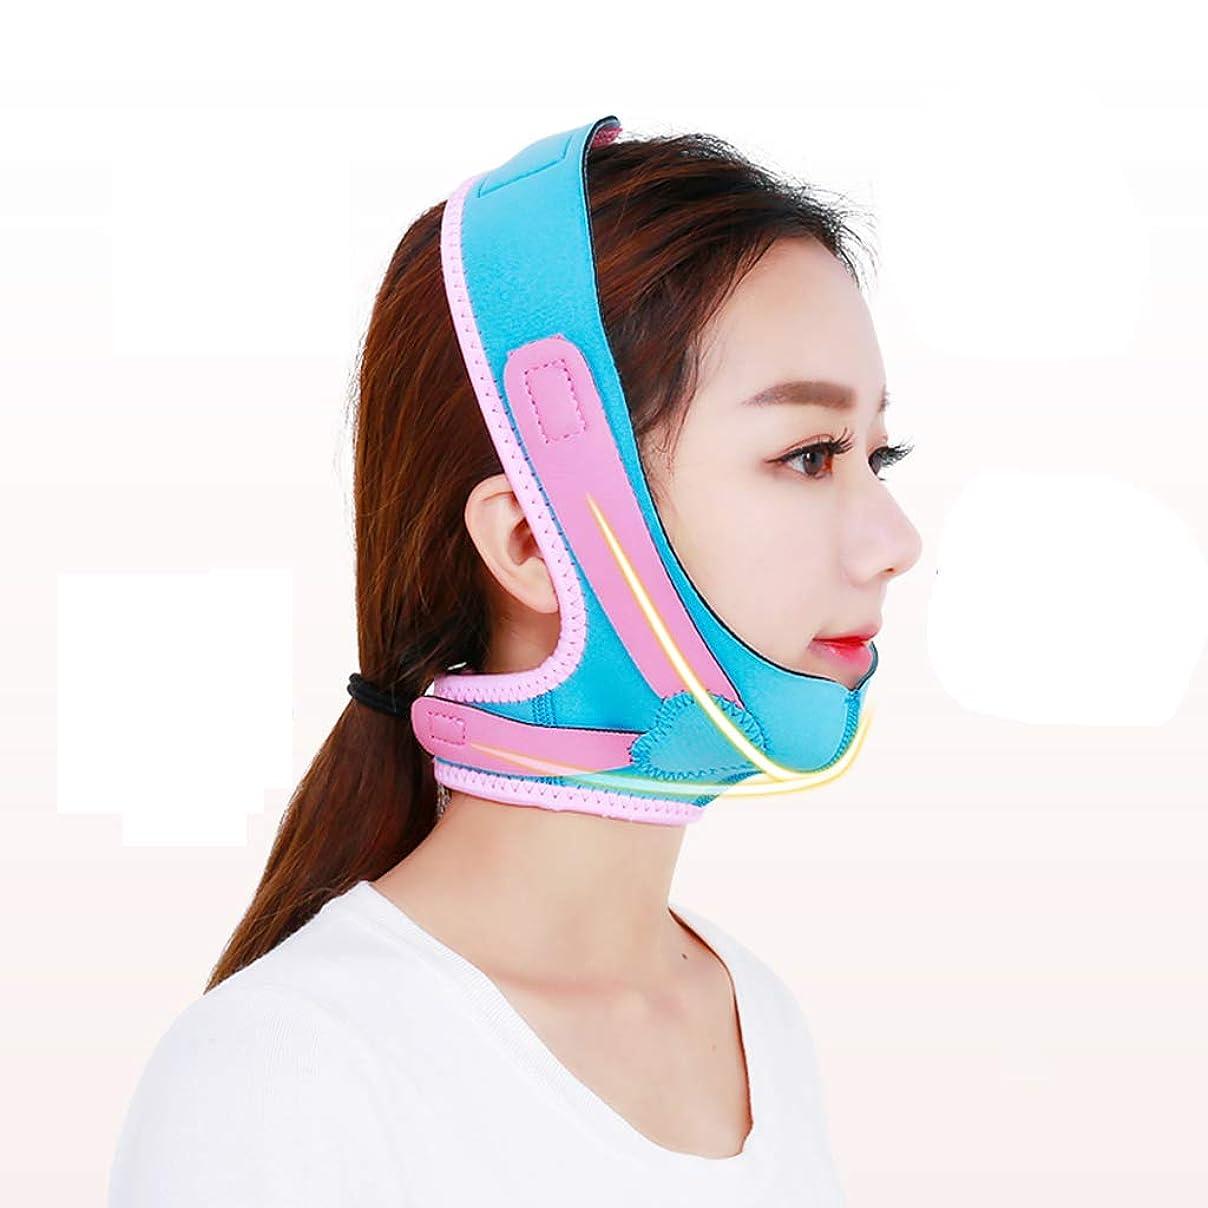 クラスインゲンミュウミュウ顔の重量の損失の顔の計器の包帯小さな顔のステッカーの女性の睡眠の顎セット